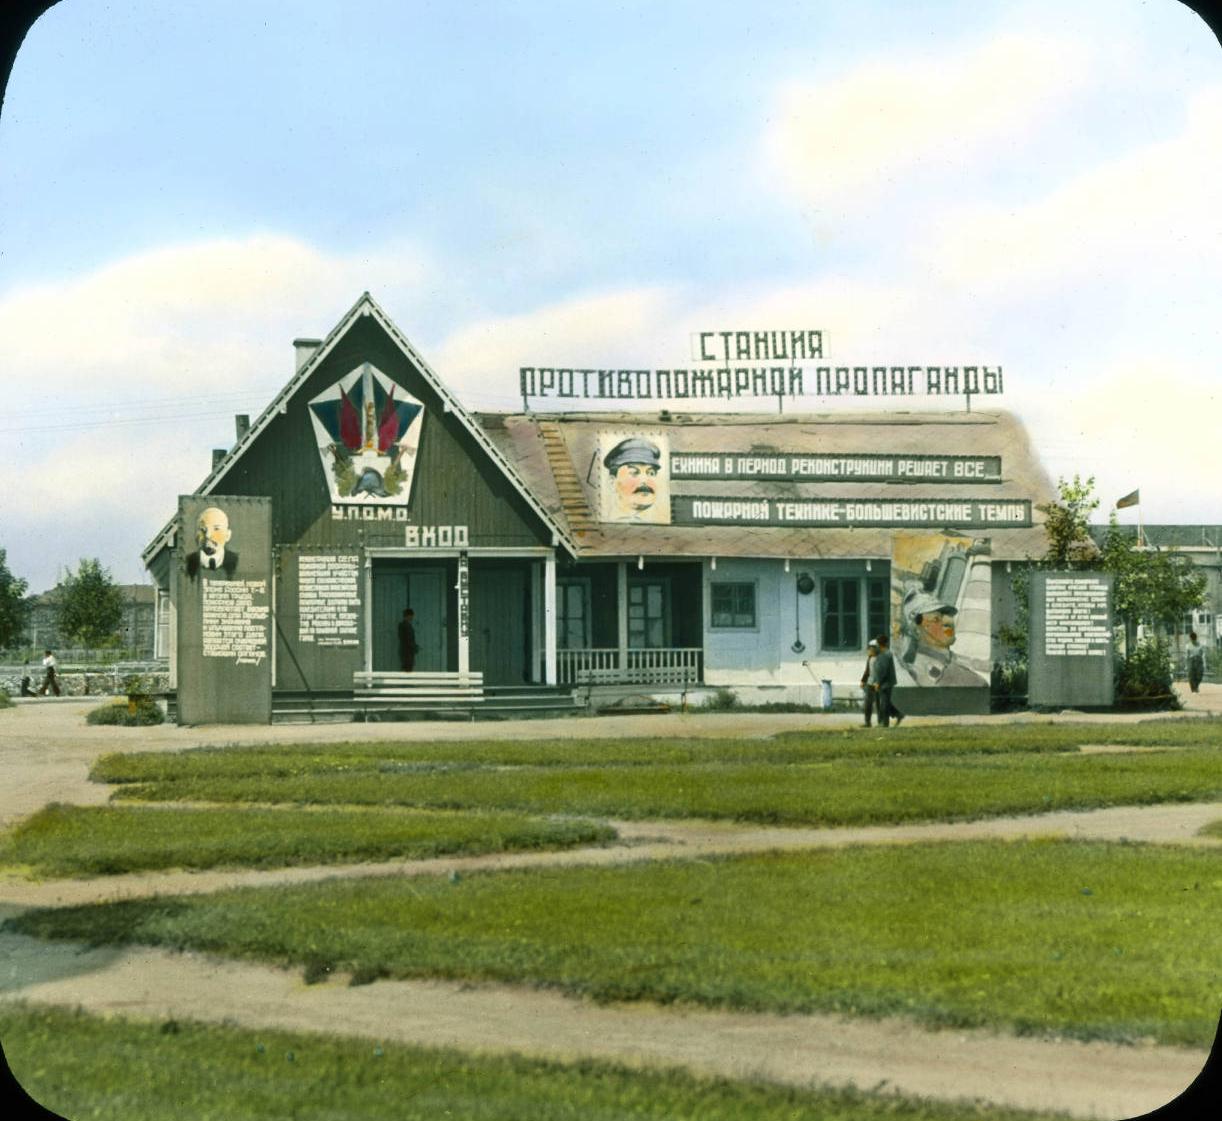 Парк культуры и отдыха (ЦПКиО), пожарная станция